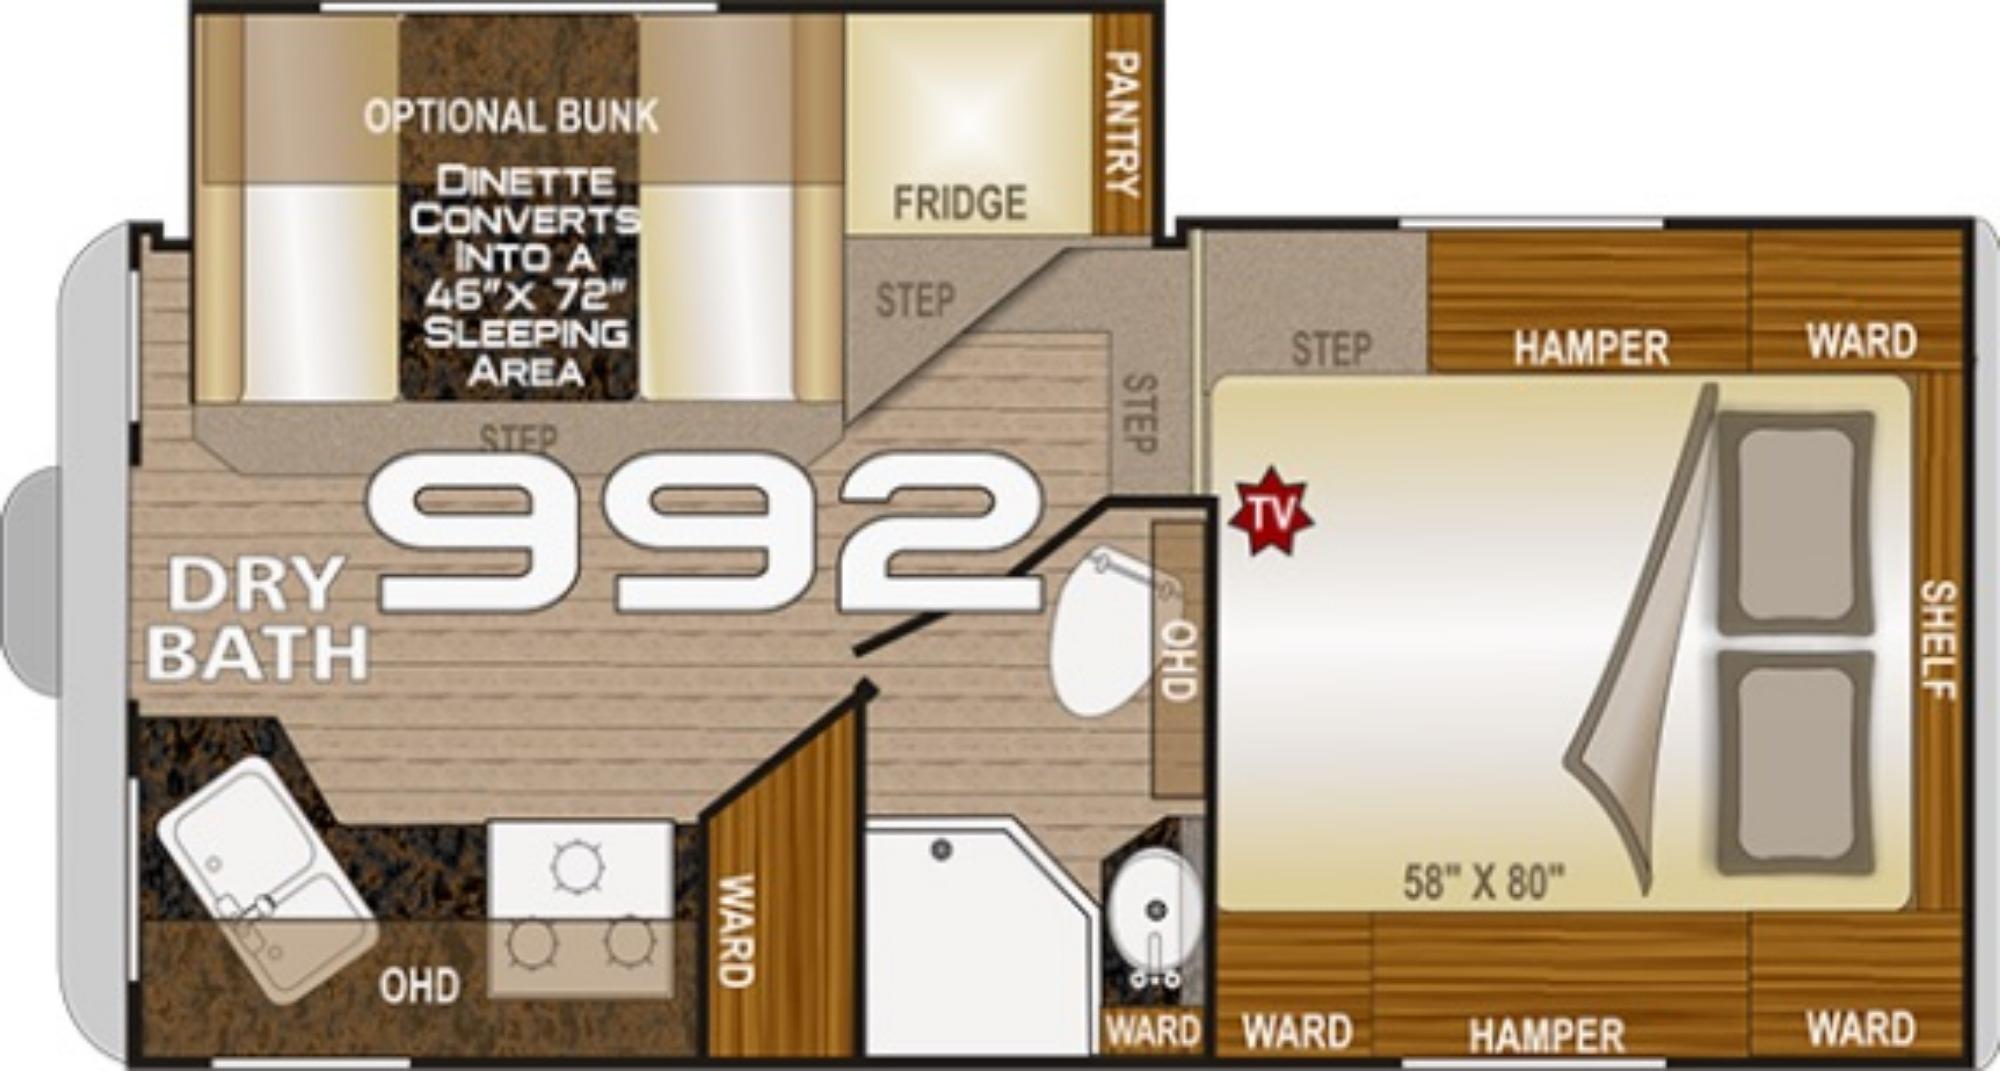 View Floor Plan for 2021 NORTHWOOD ARCTIC FOX CAMPER 992